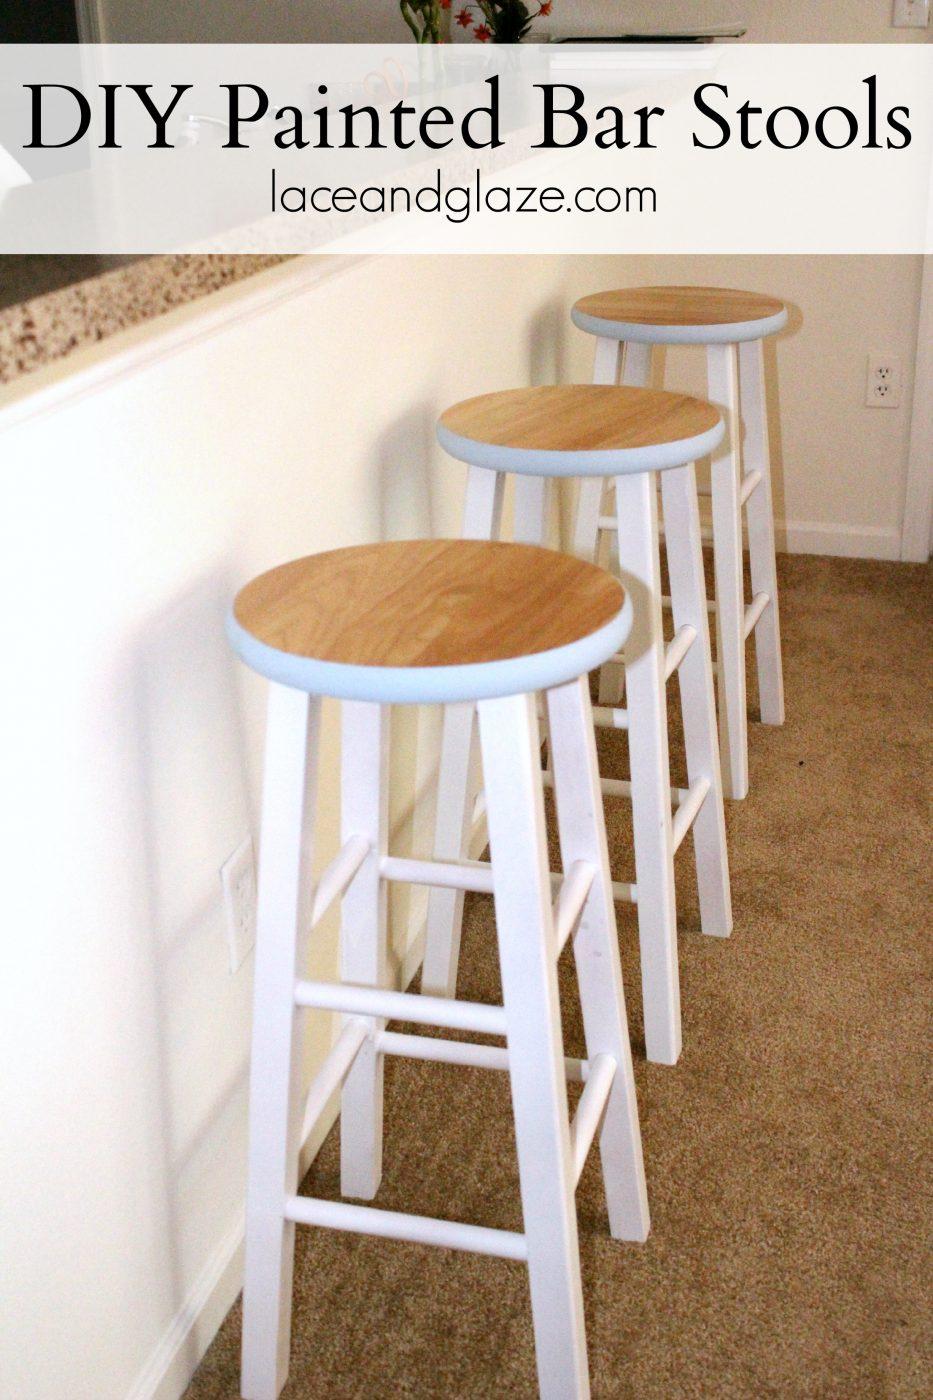 Sweet Teal DIY Painted Bar Stools Sweet Teal : diy painted stools 71 from sweetteal.com size 2212 x 3318 jpeg 4153kB